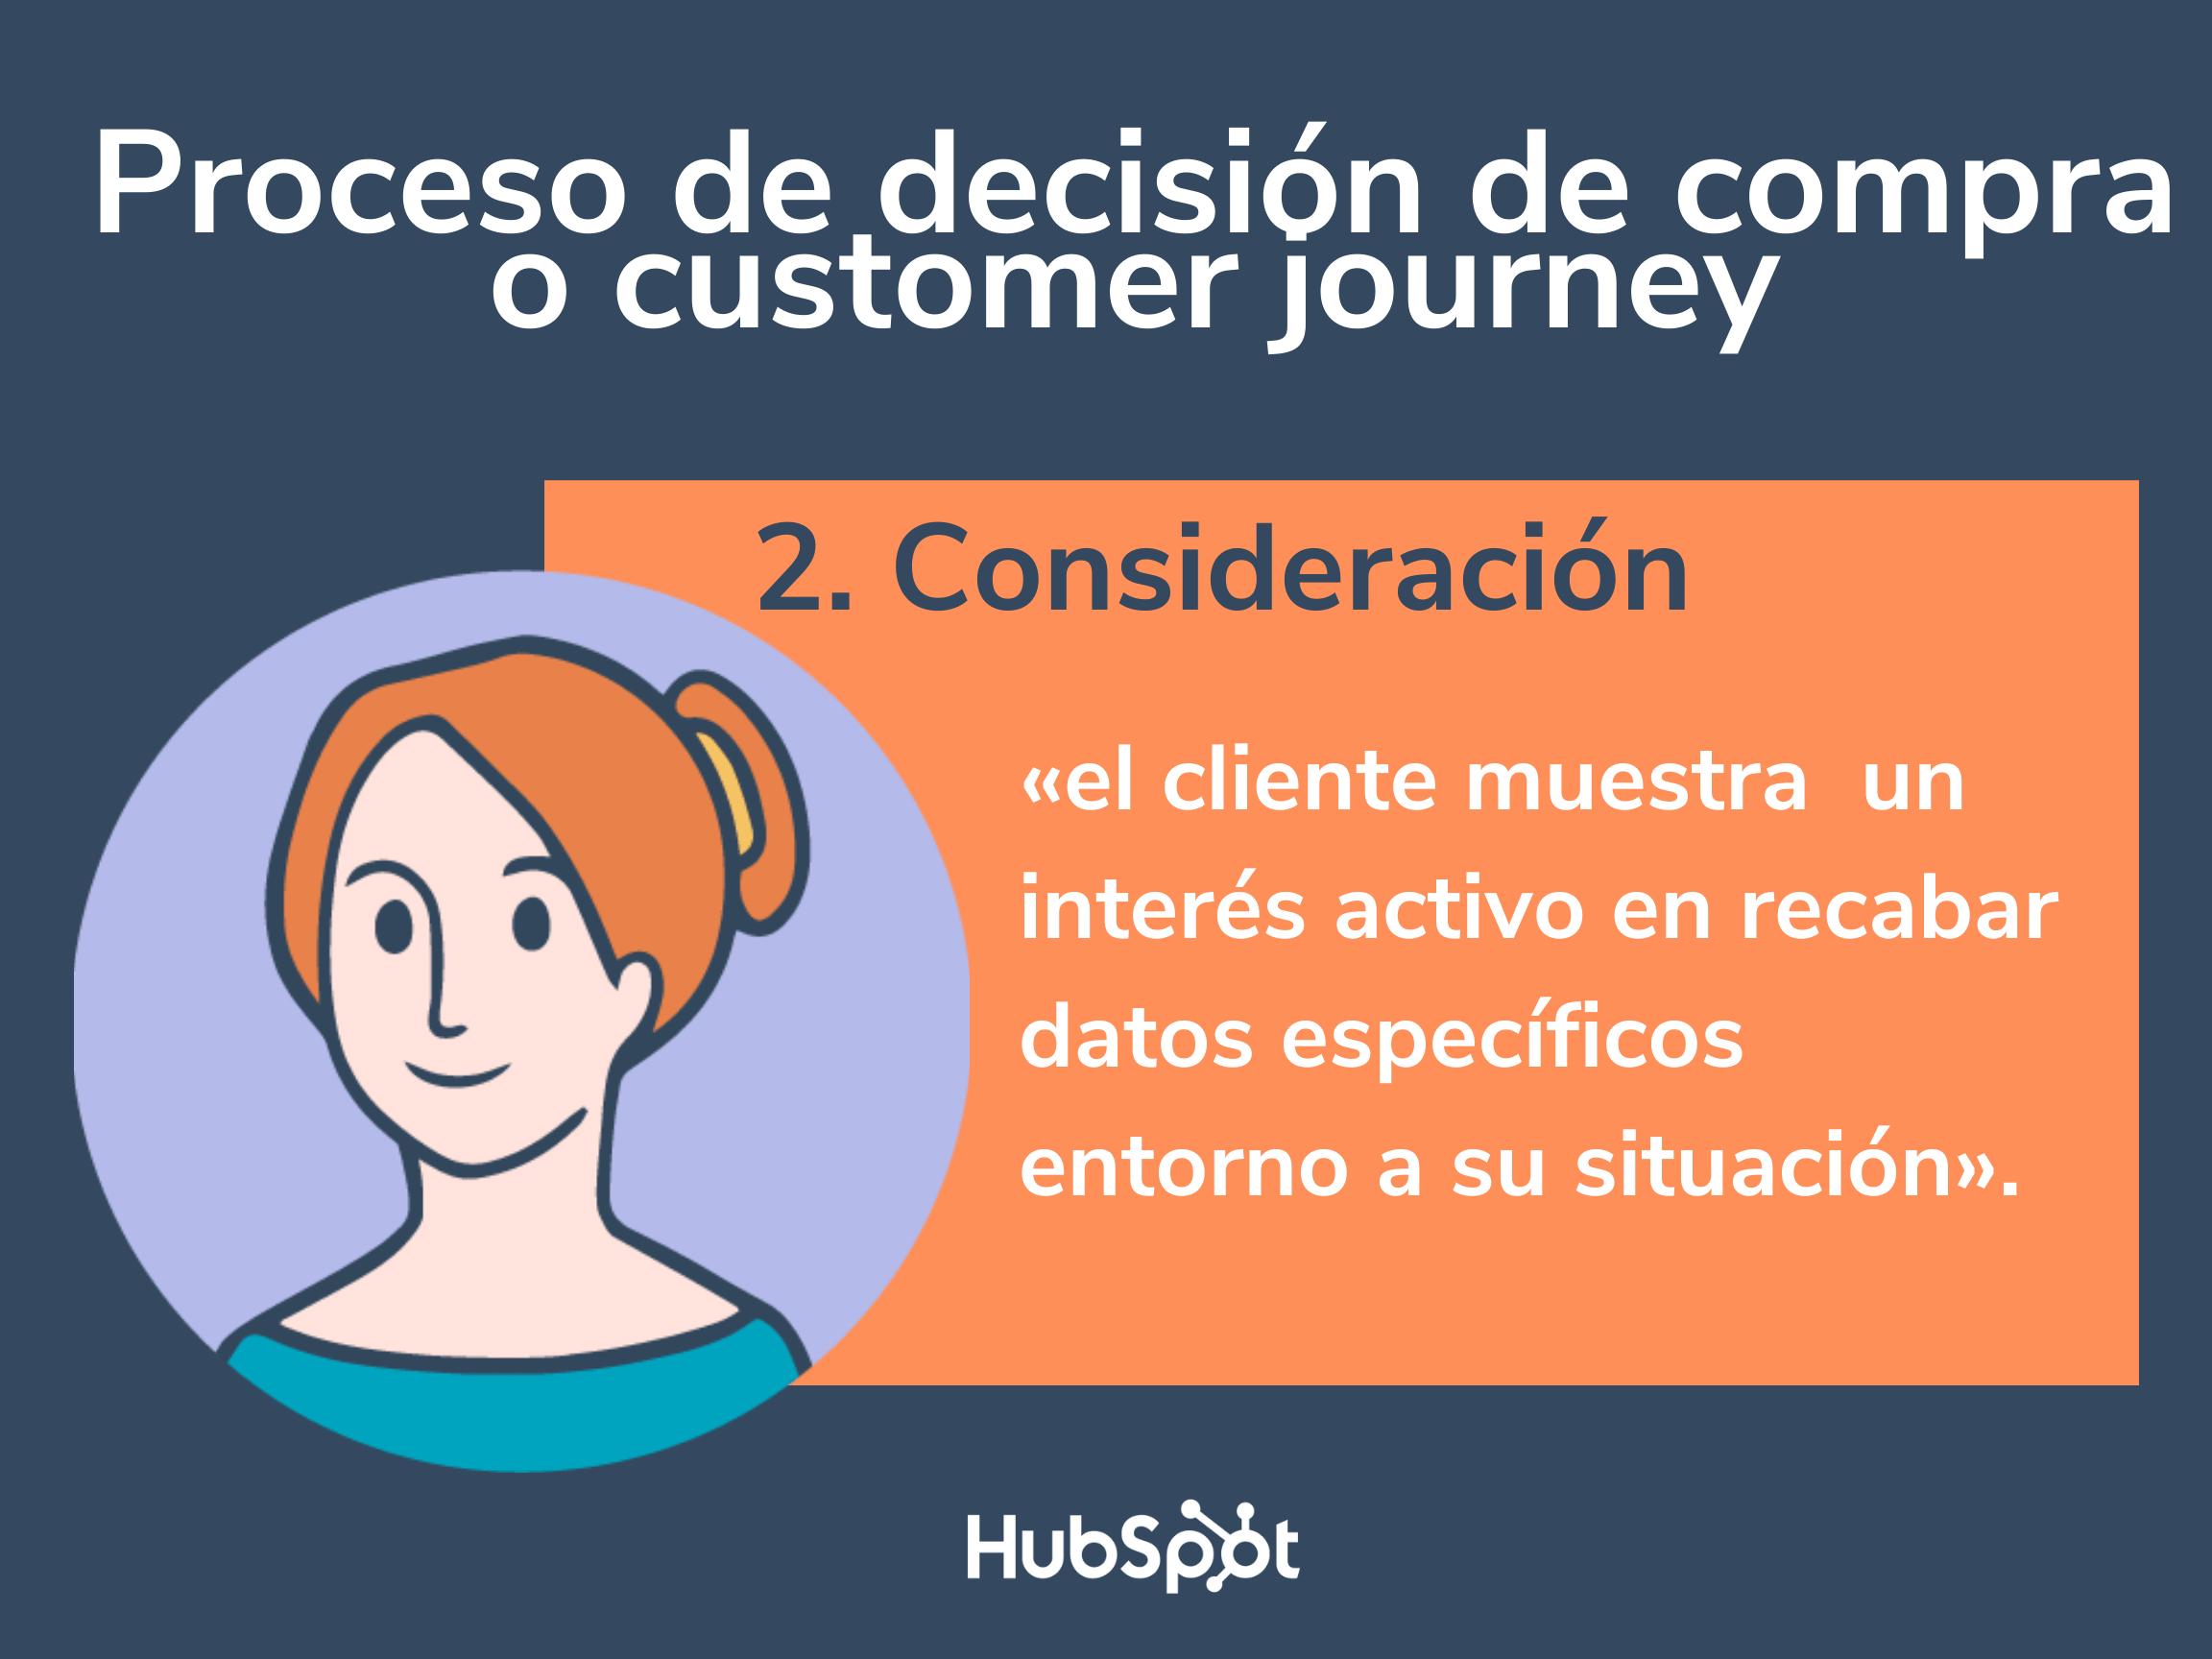 Segunda etapa del customer journey: consideración